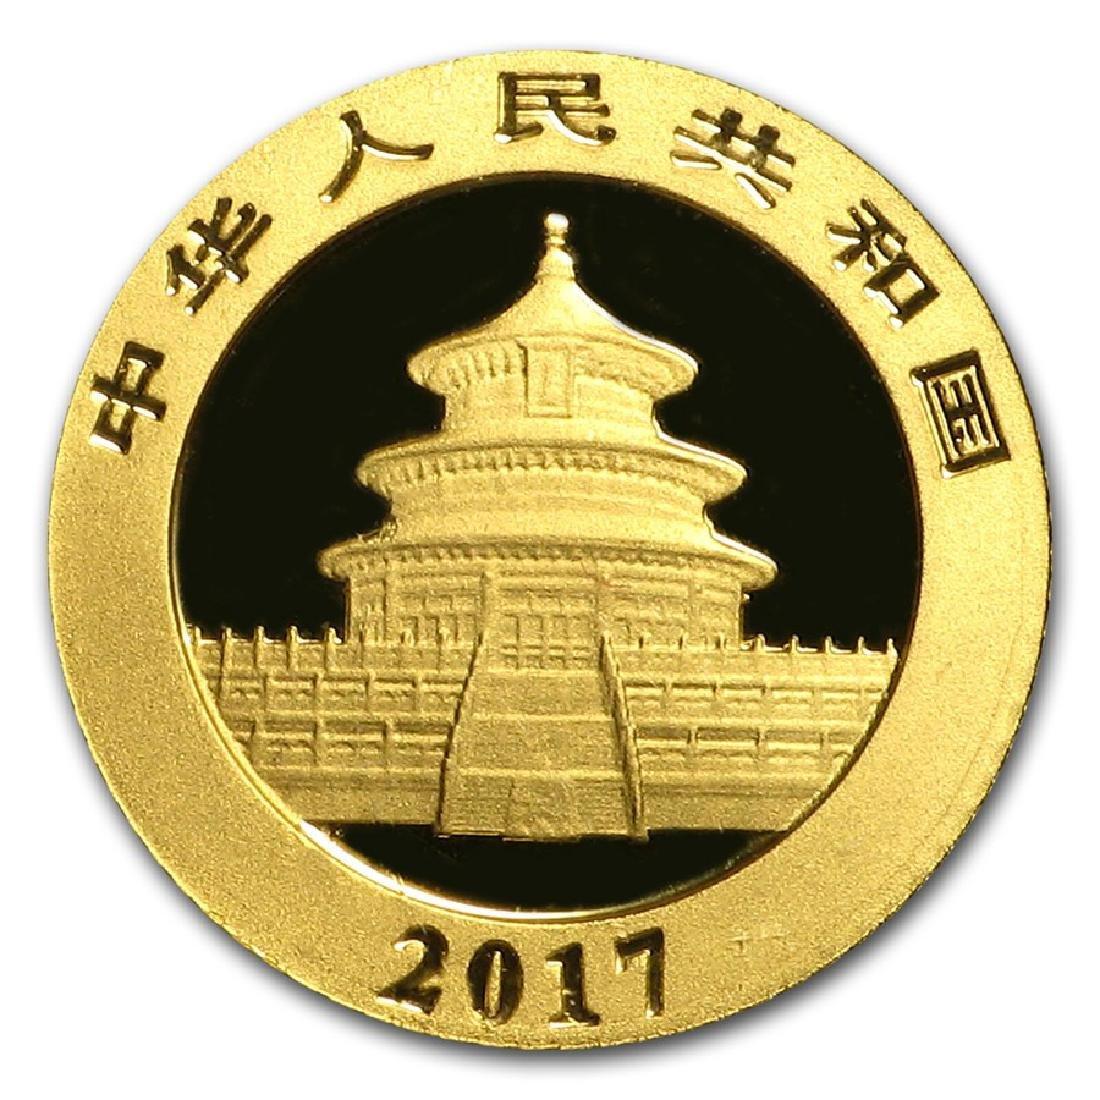 2017 China Panda 1 Gram Gold Coin - 2